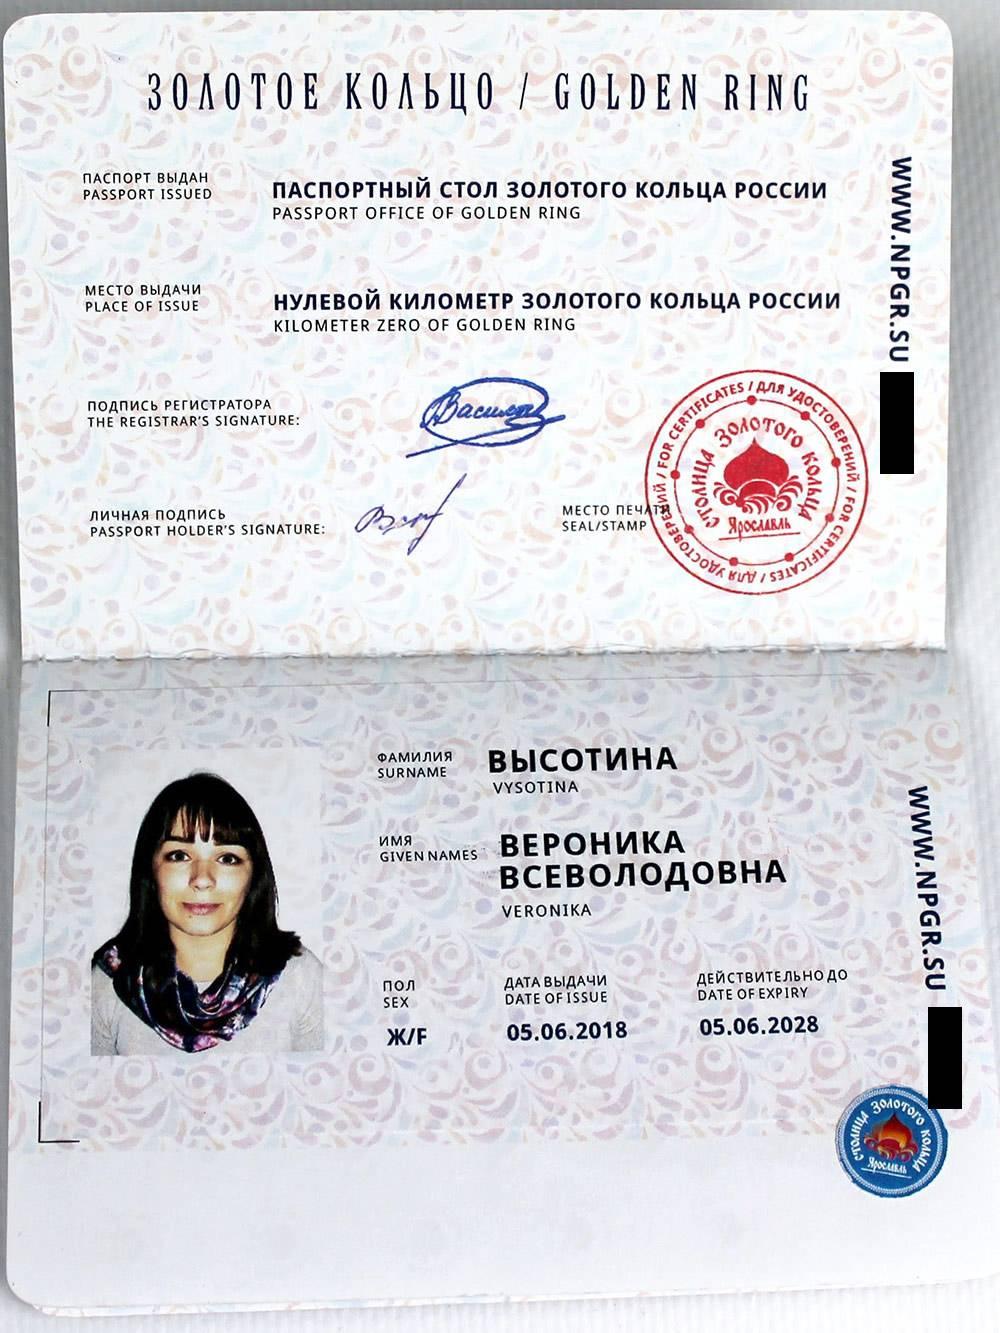 Паспорт туриста похож на обычный российский паспорт